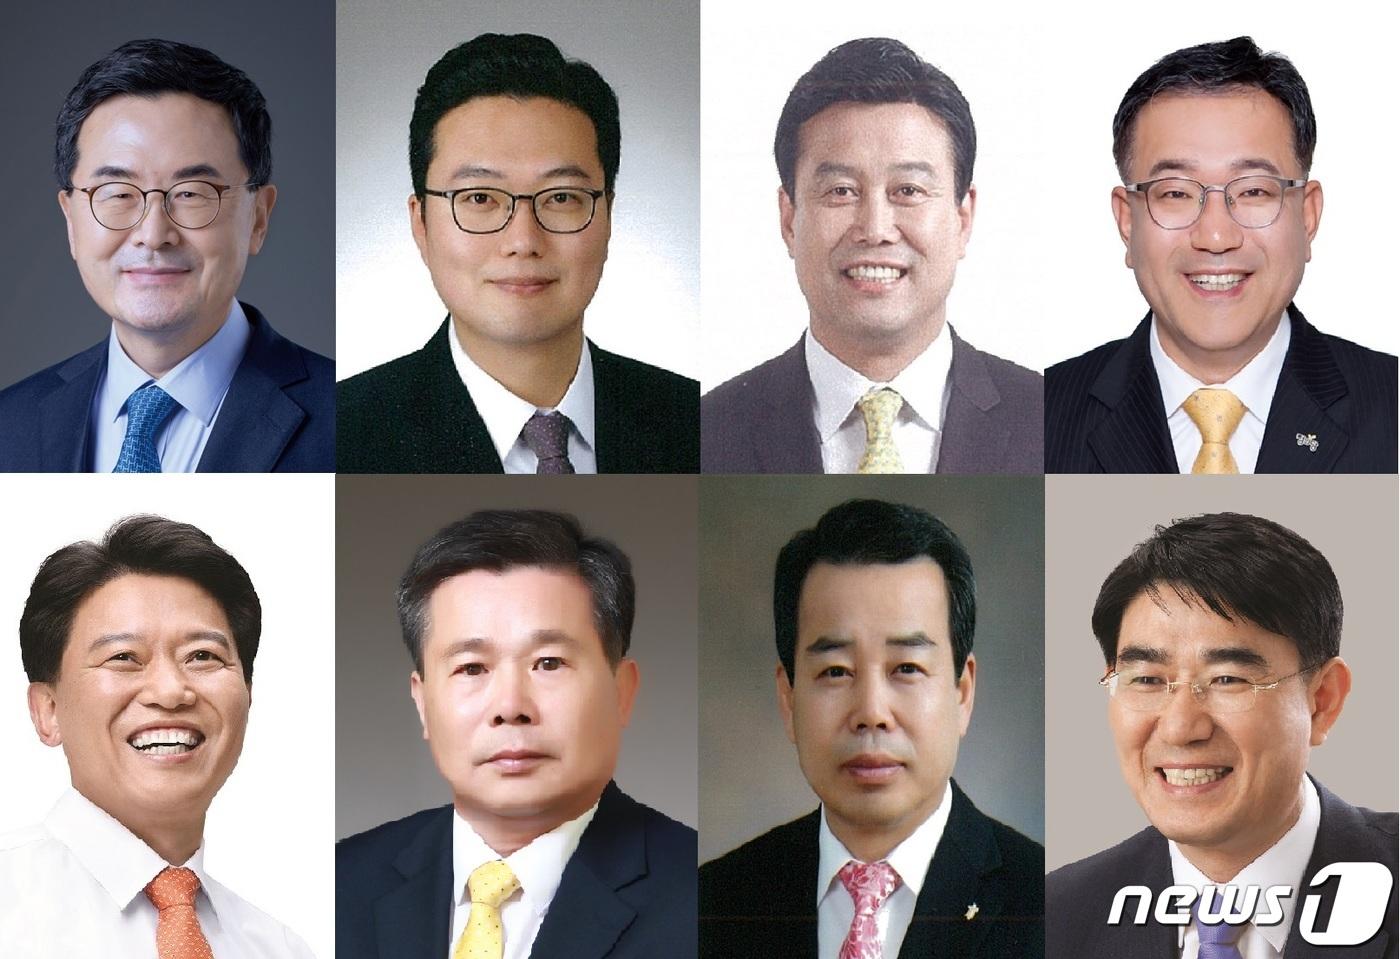 10년간 '안방' 순천 내준 민주당..이번에도 심상치 않다?[바를정 토토|러블리 토토]